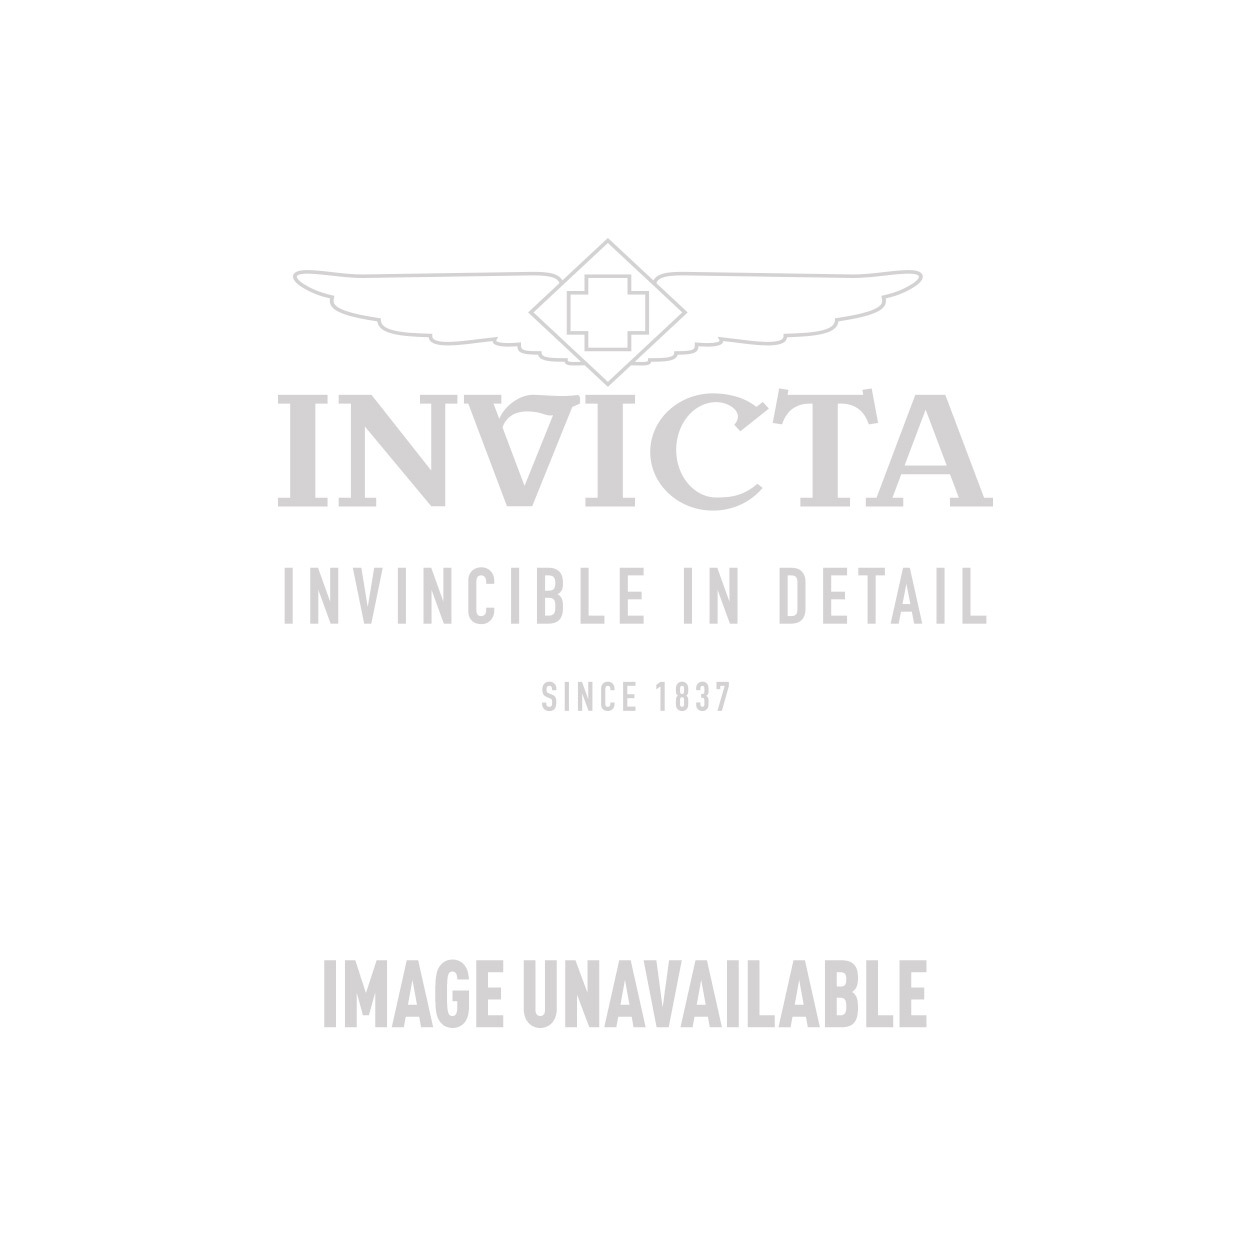 Invicta Model 24346